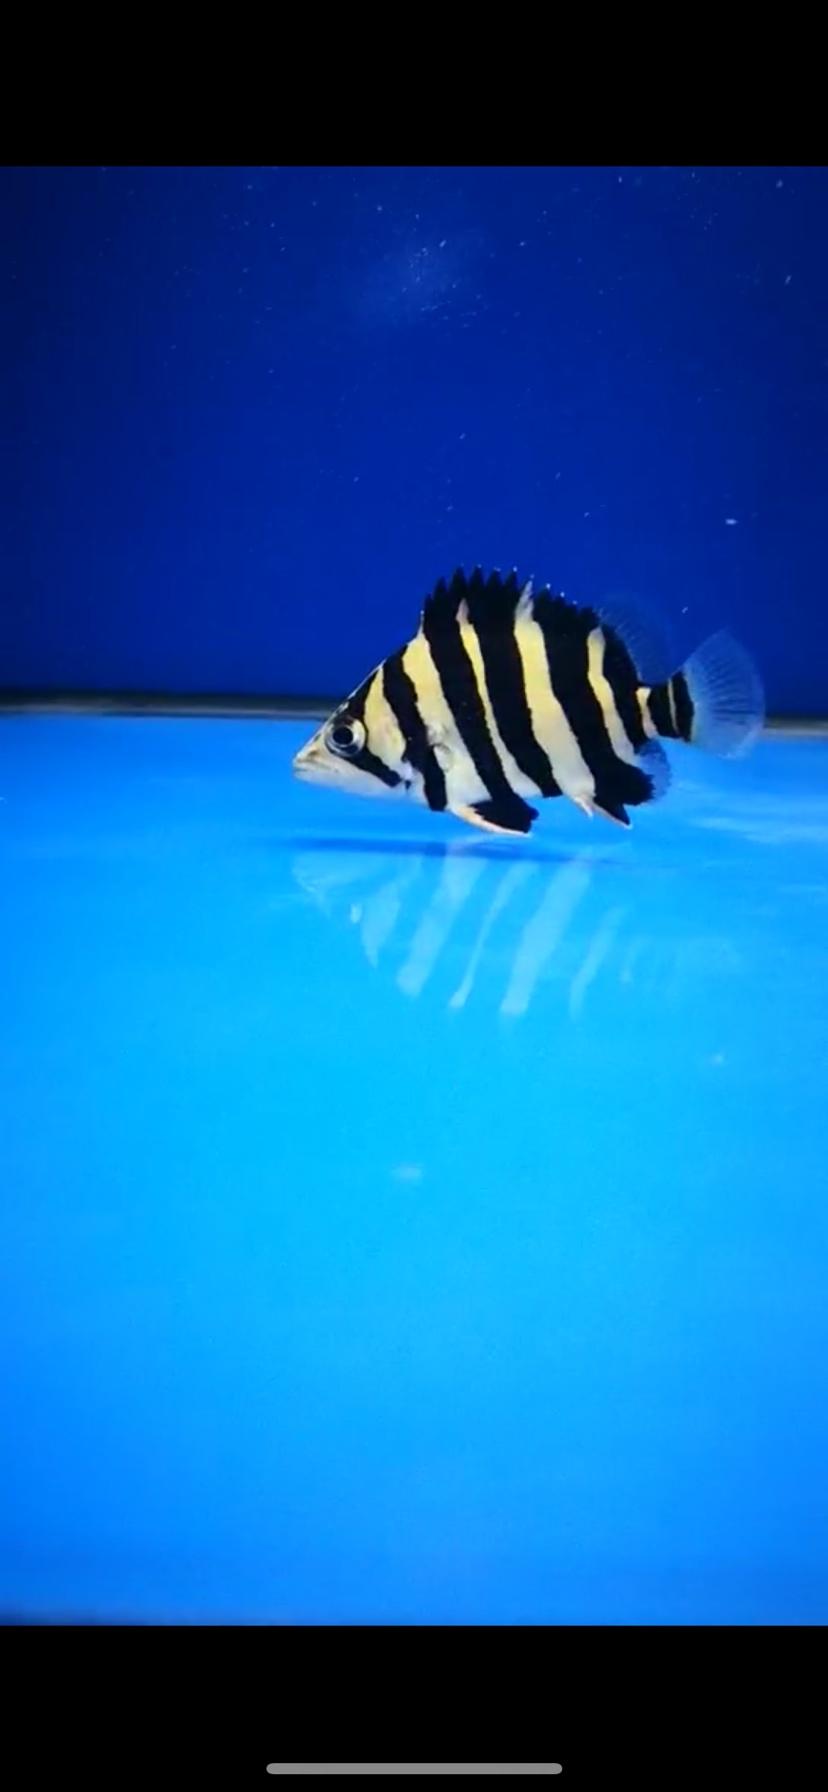 都是小鱼不是啥极品但是很喜欢 西安观赏鱼信息 西安博特第3张